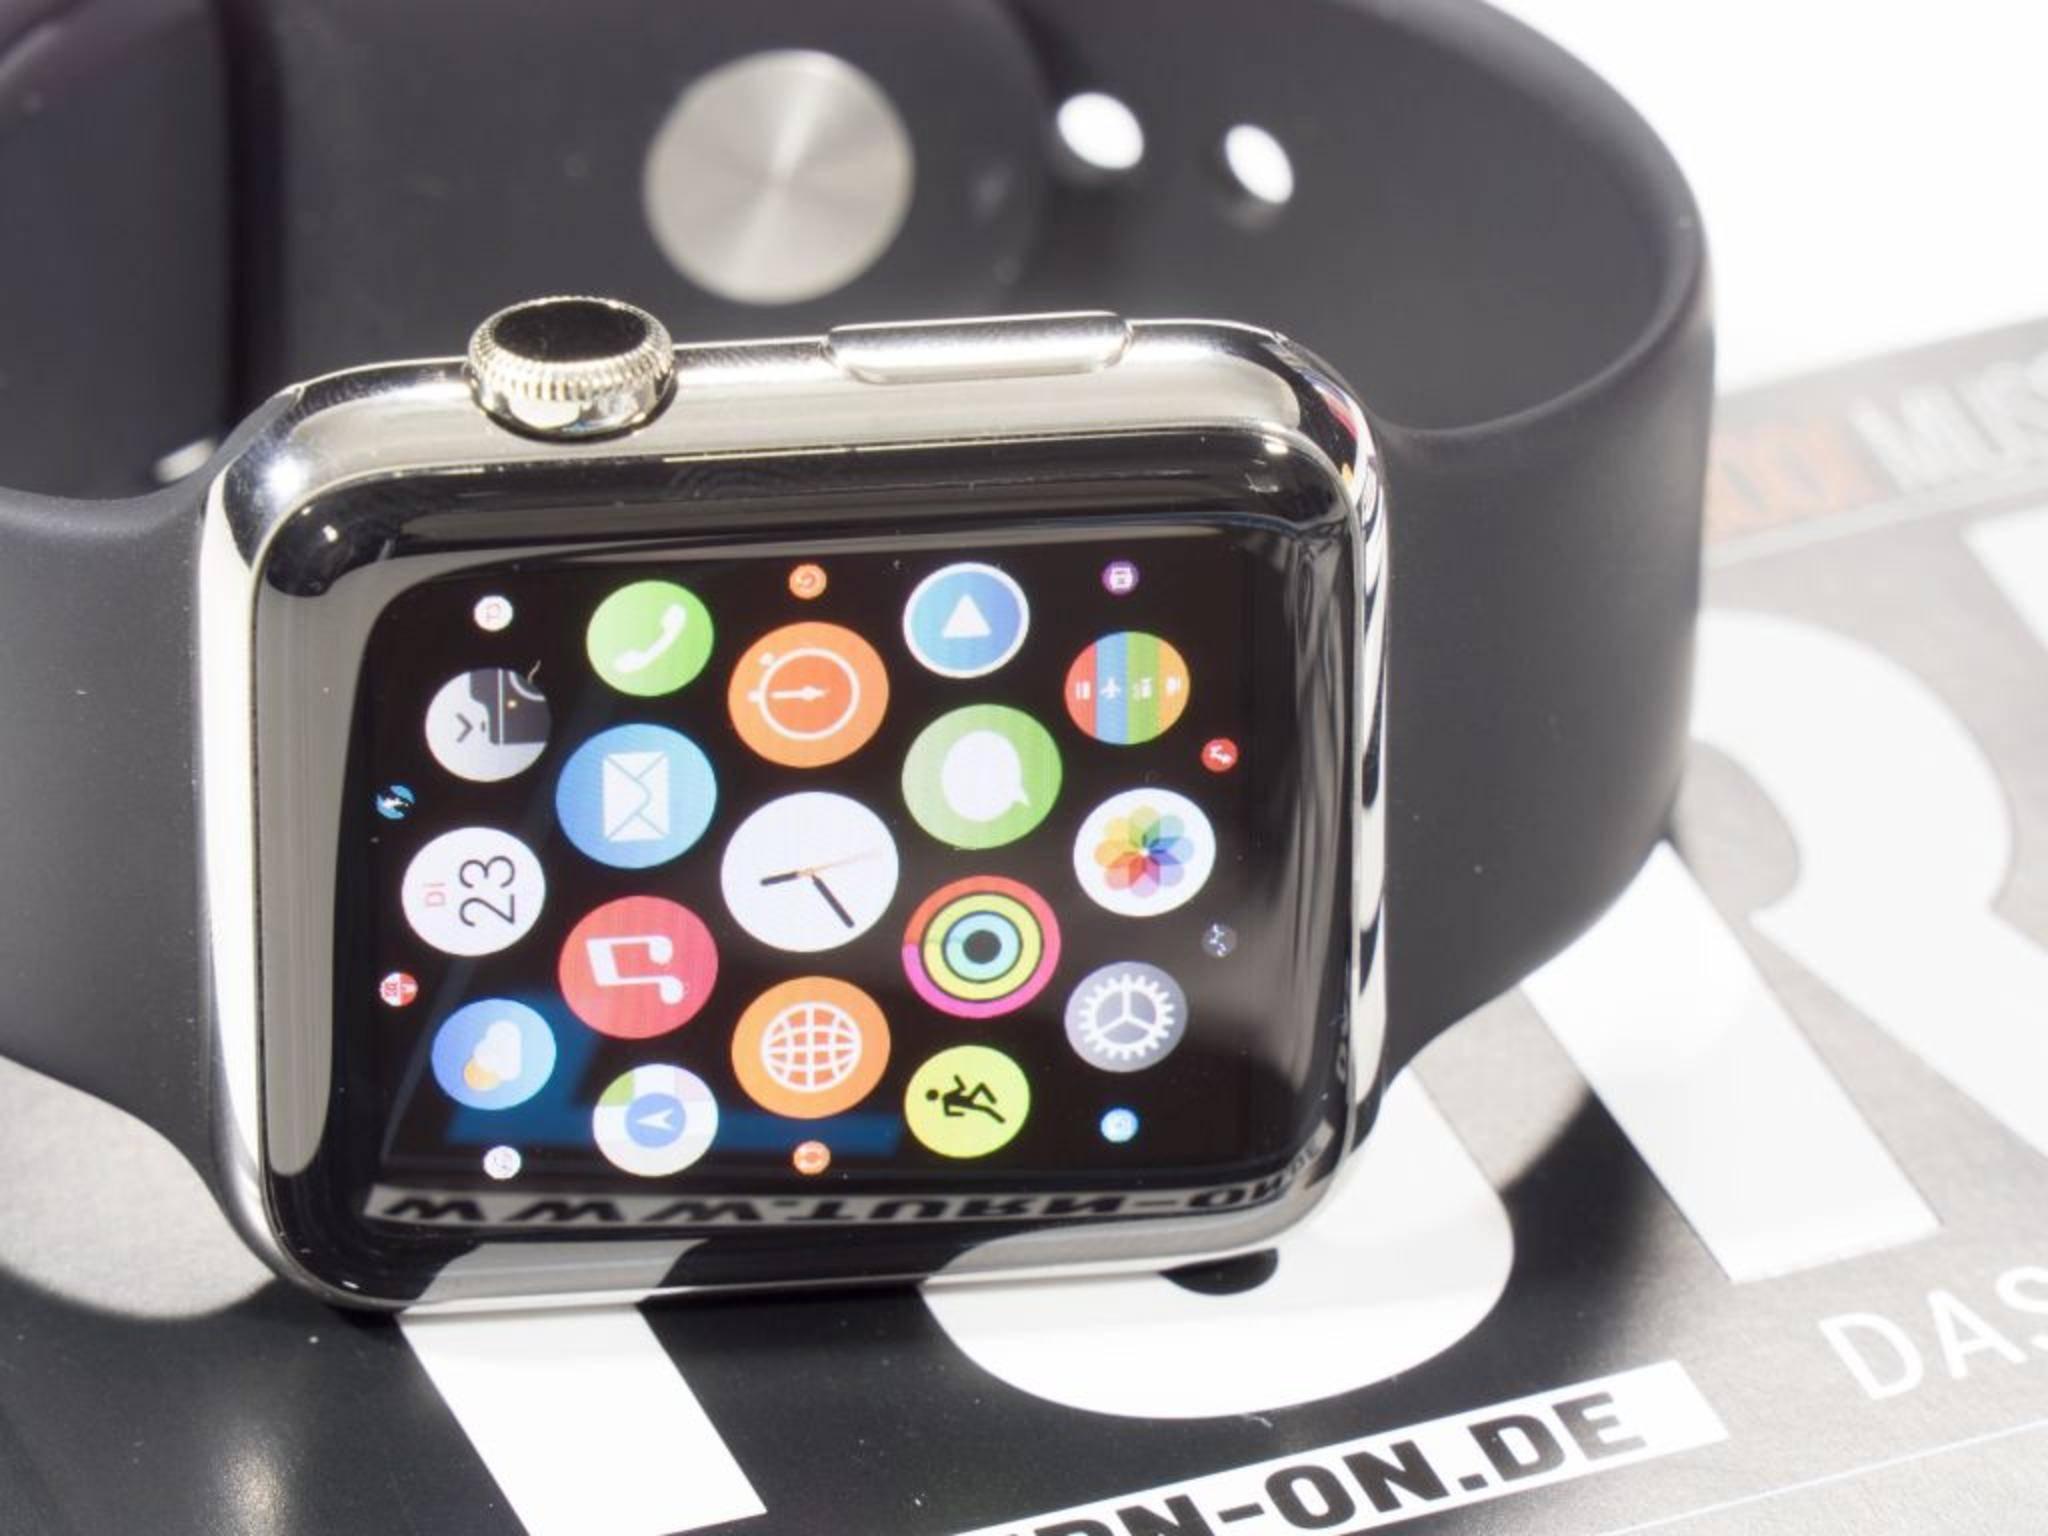 Die Apple Watch kann als Fernauslöser für die iPhone-Kamera fungieren.